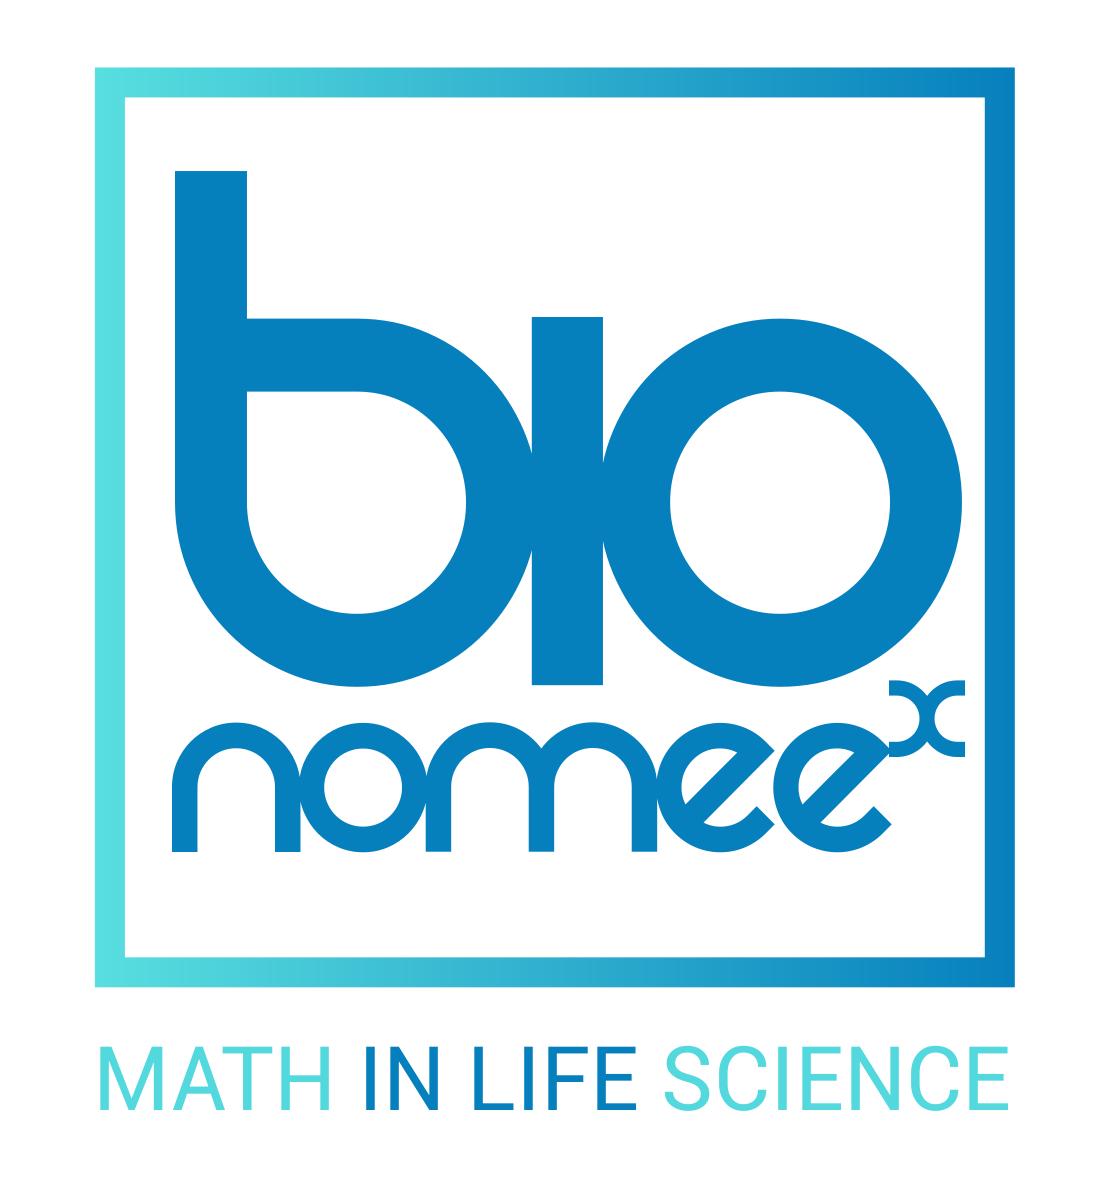 BionomeeX